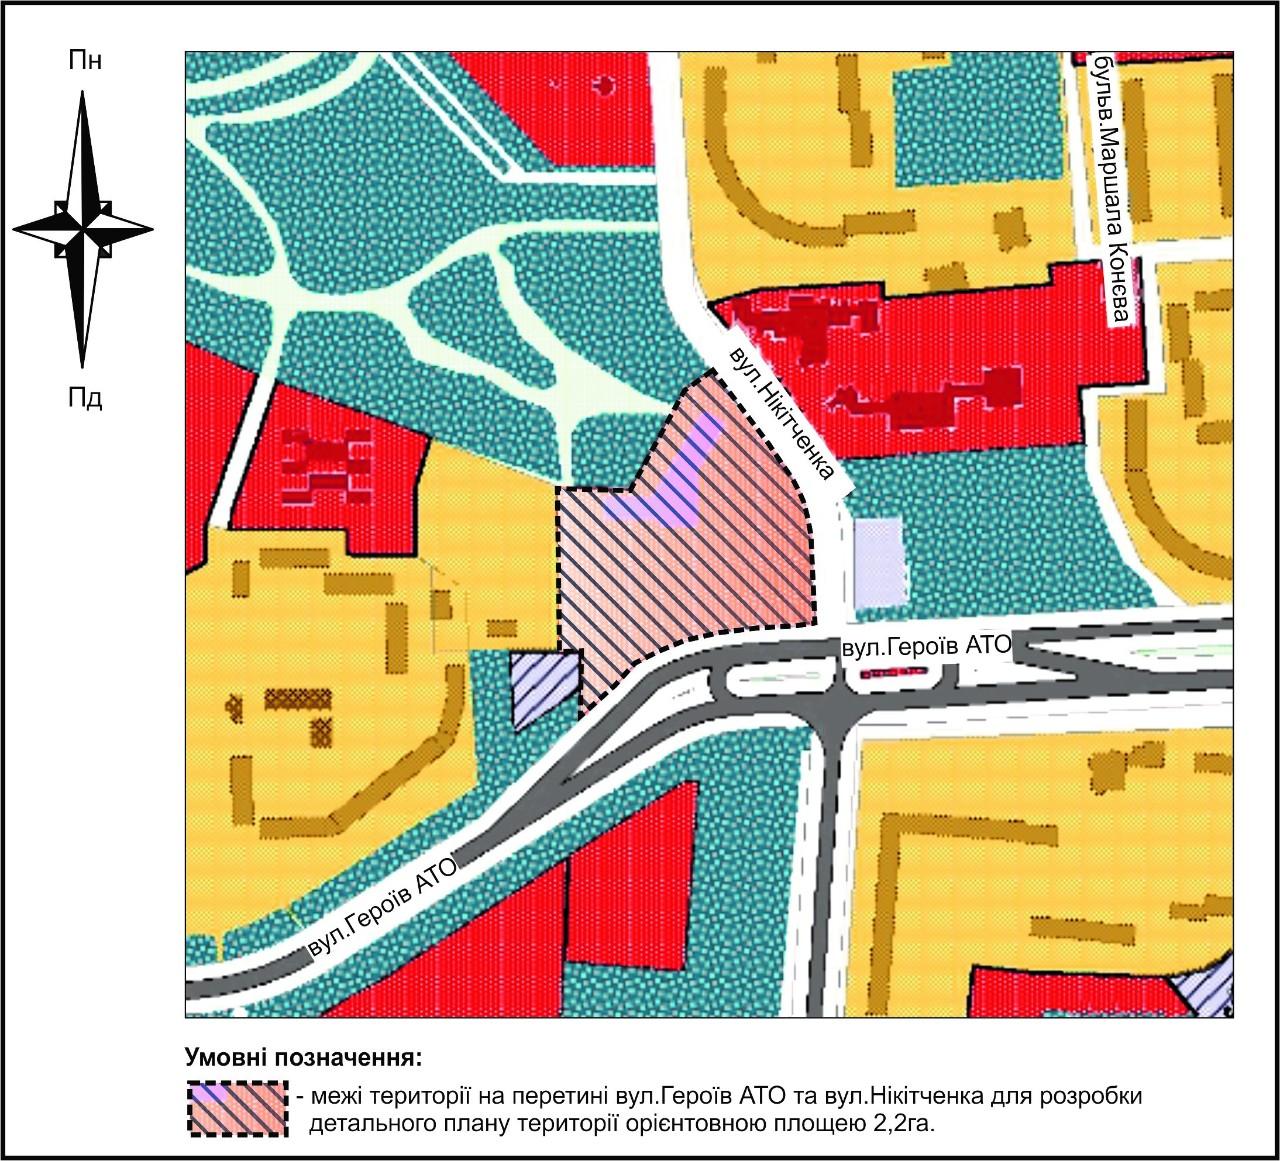 Рішенням 8-ї сесії Полтавської міськради 7-го скликання територія на перетині вул. Героїв Сталінграду та вул. Нікітченка підлягає забудові